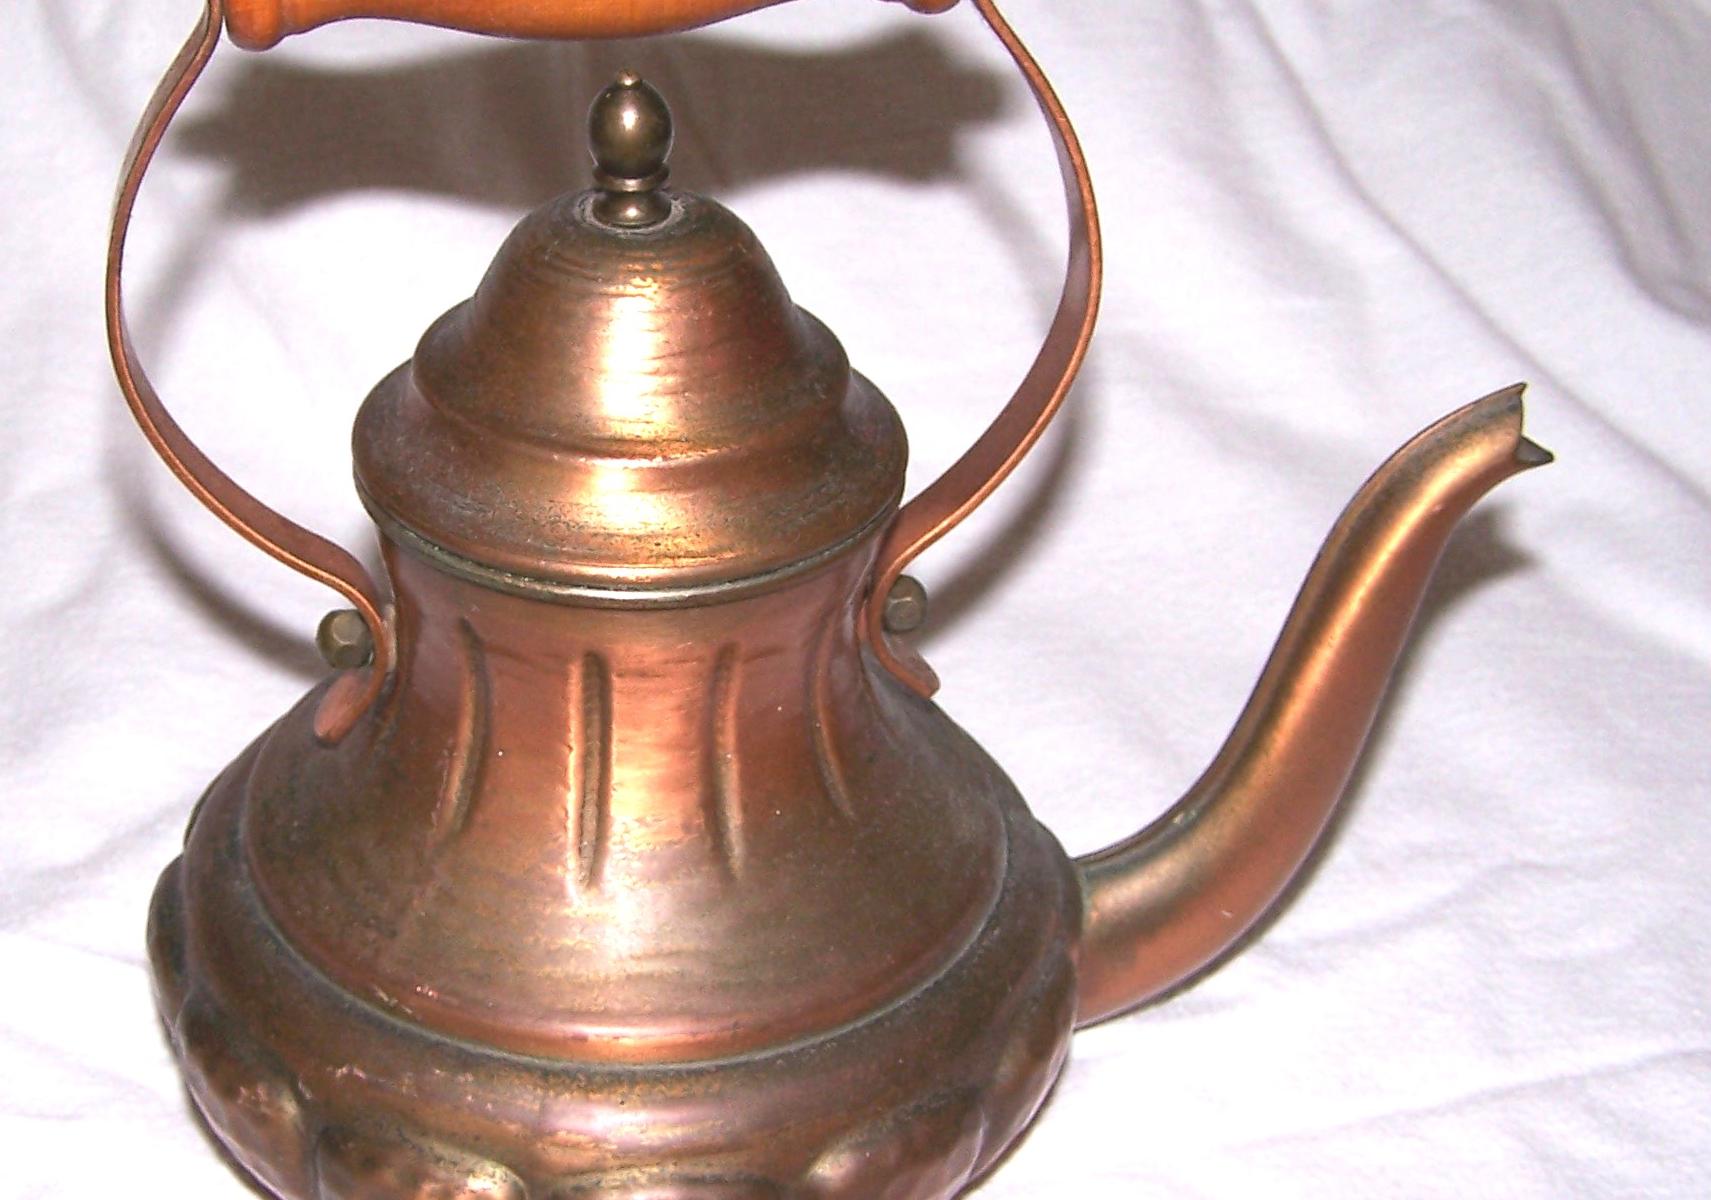 Haushalt- Servieren - Teekanne 1,0 l - Kupfer